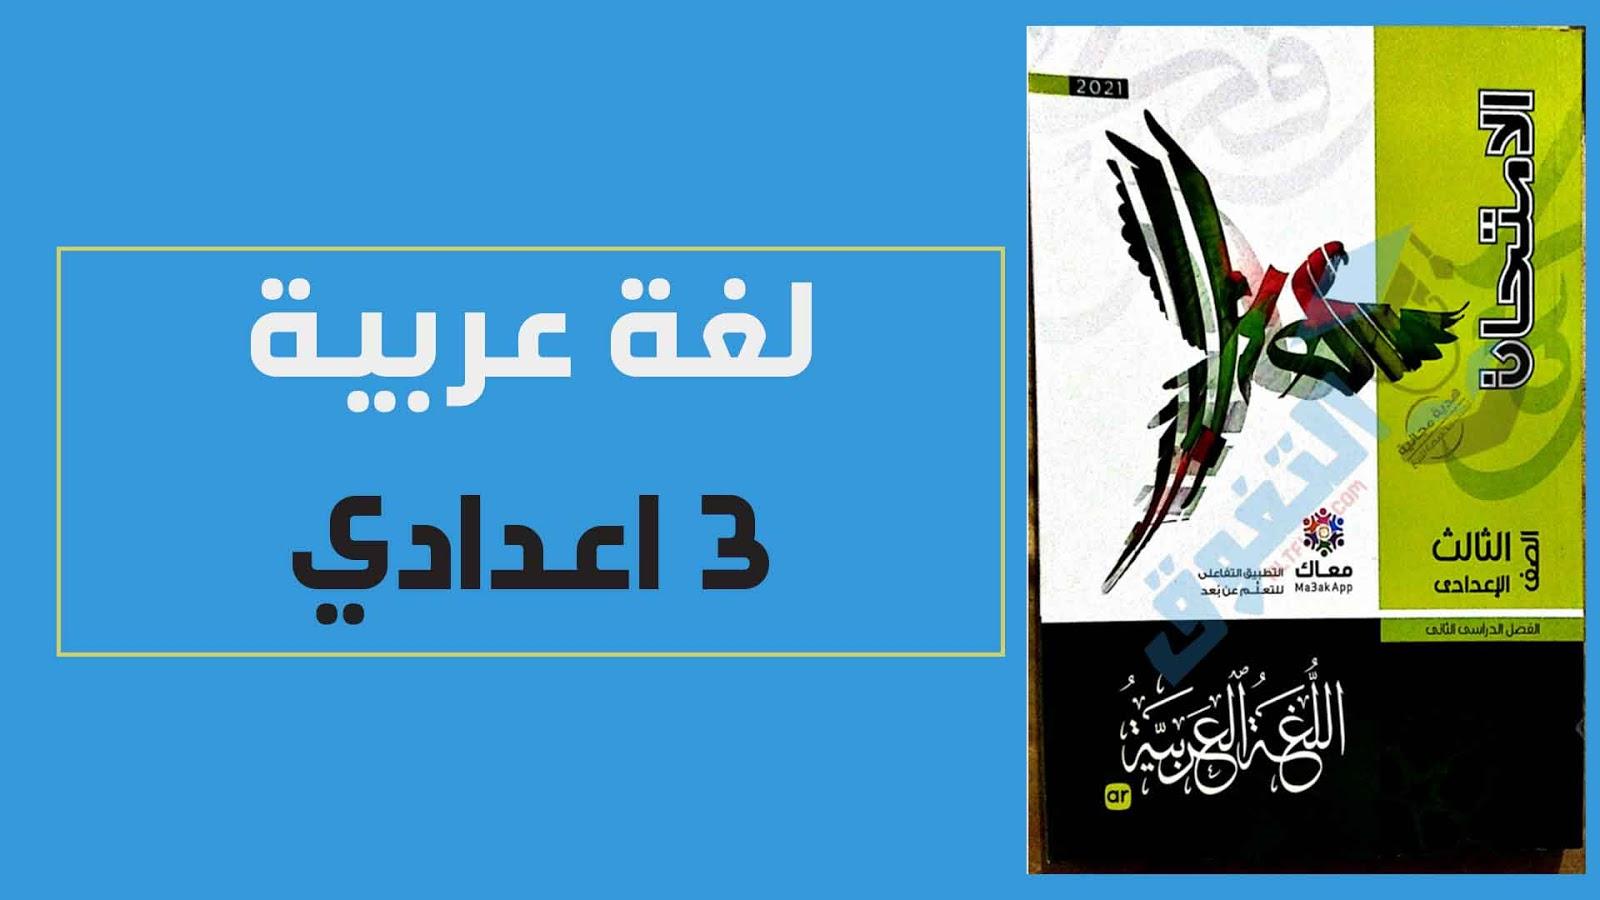 تحميل كتاب الامتحان فى اللغة العربية للصف الثالث الاعدادى الترم الثانى 2021 pdf (كتاب الشرح)